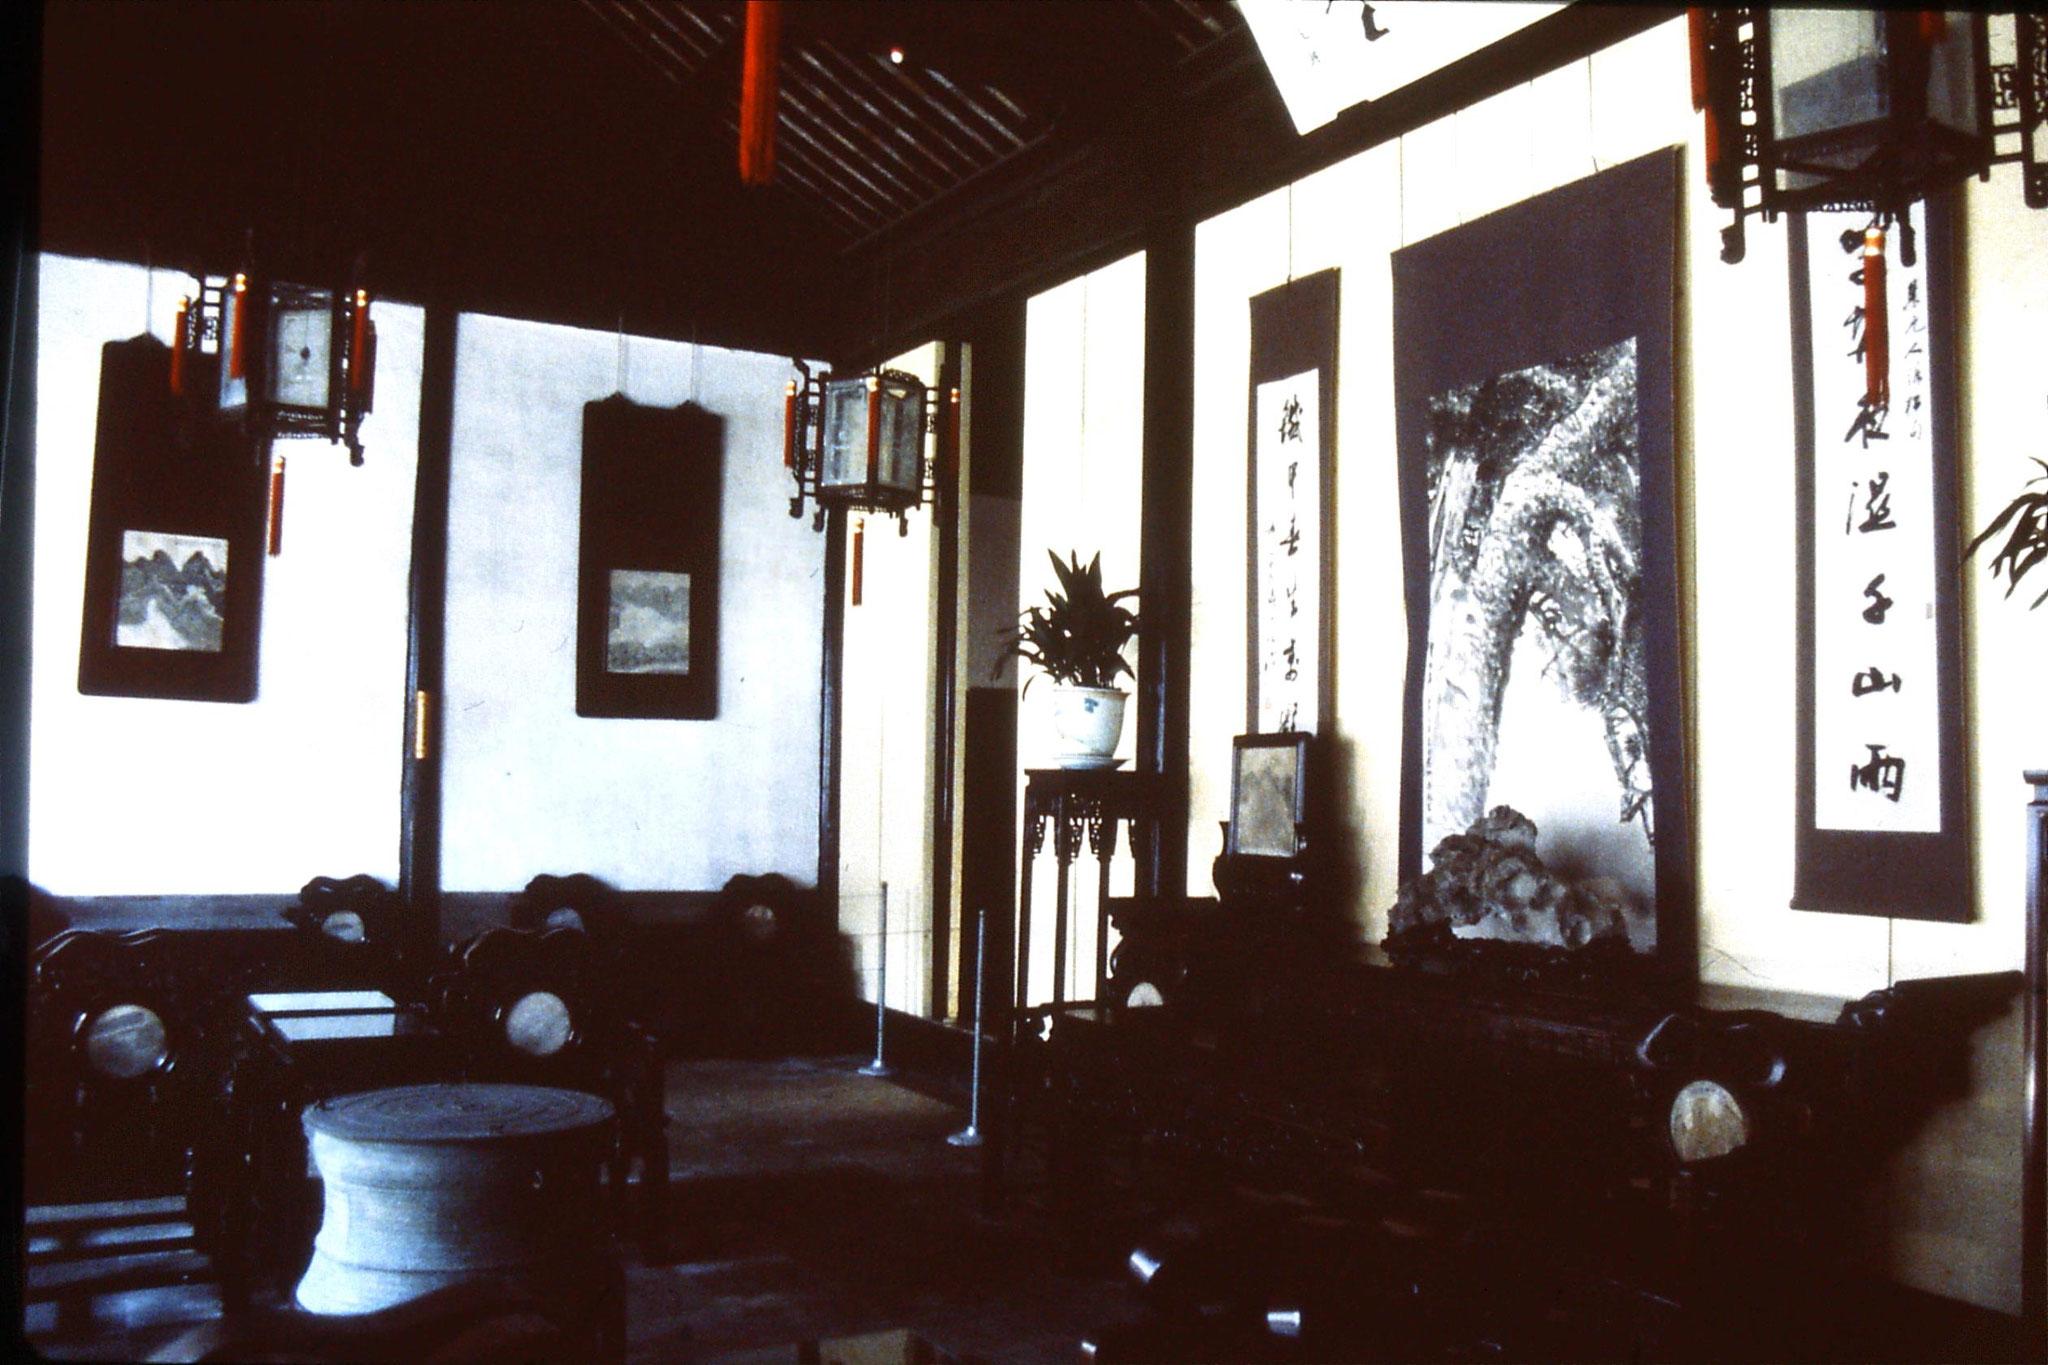 21/3/1989: 28: Suzhou Wangshi Gardens